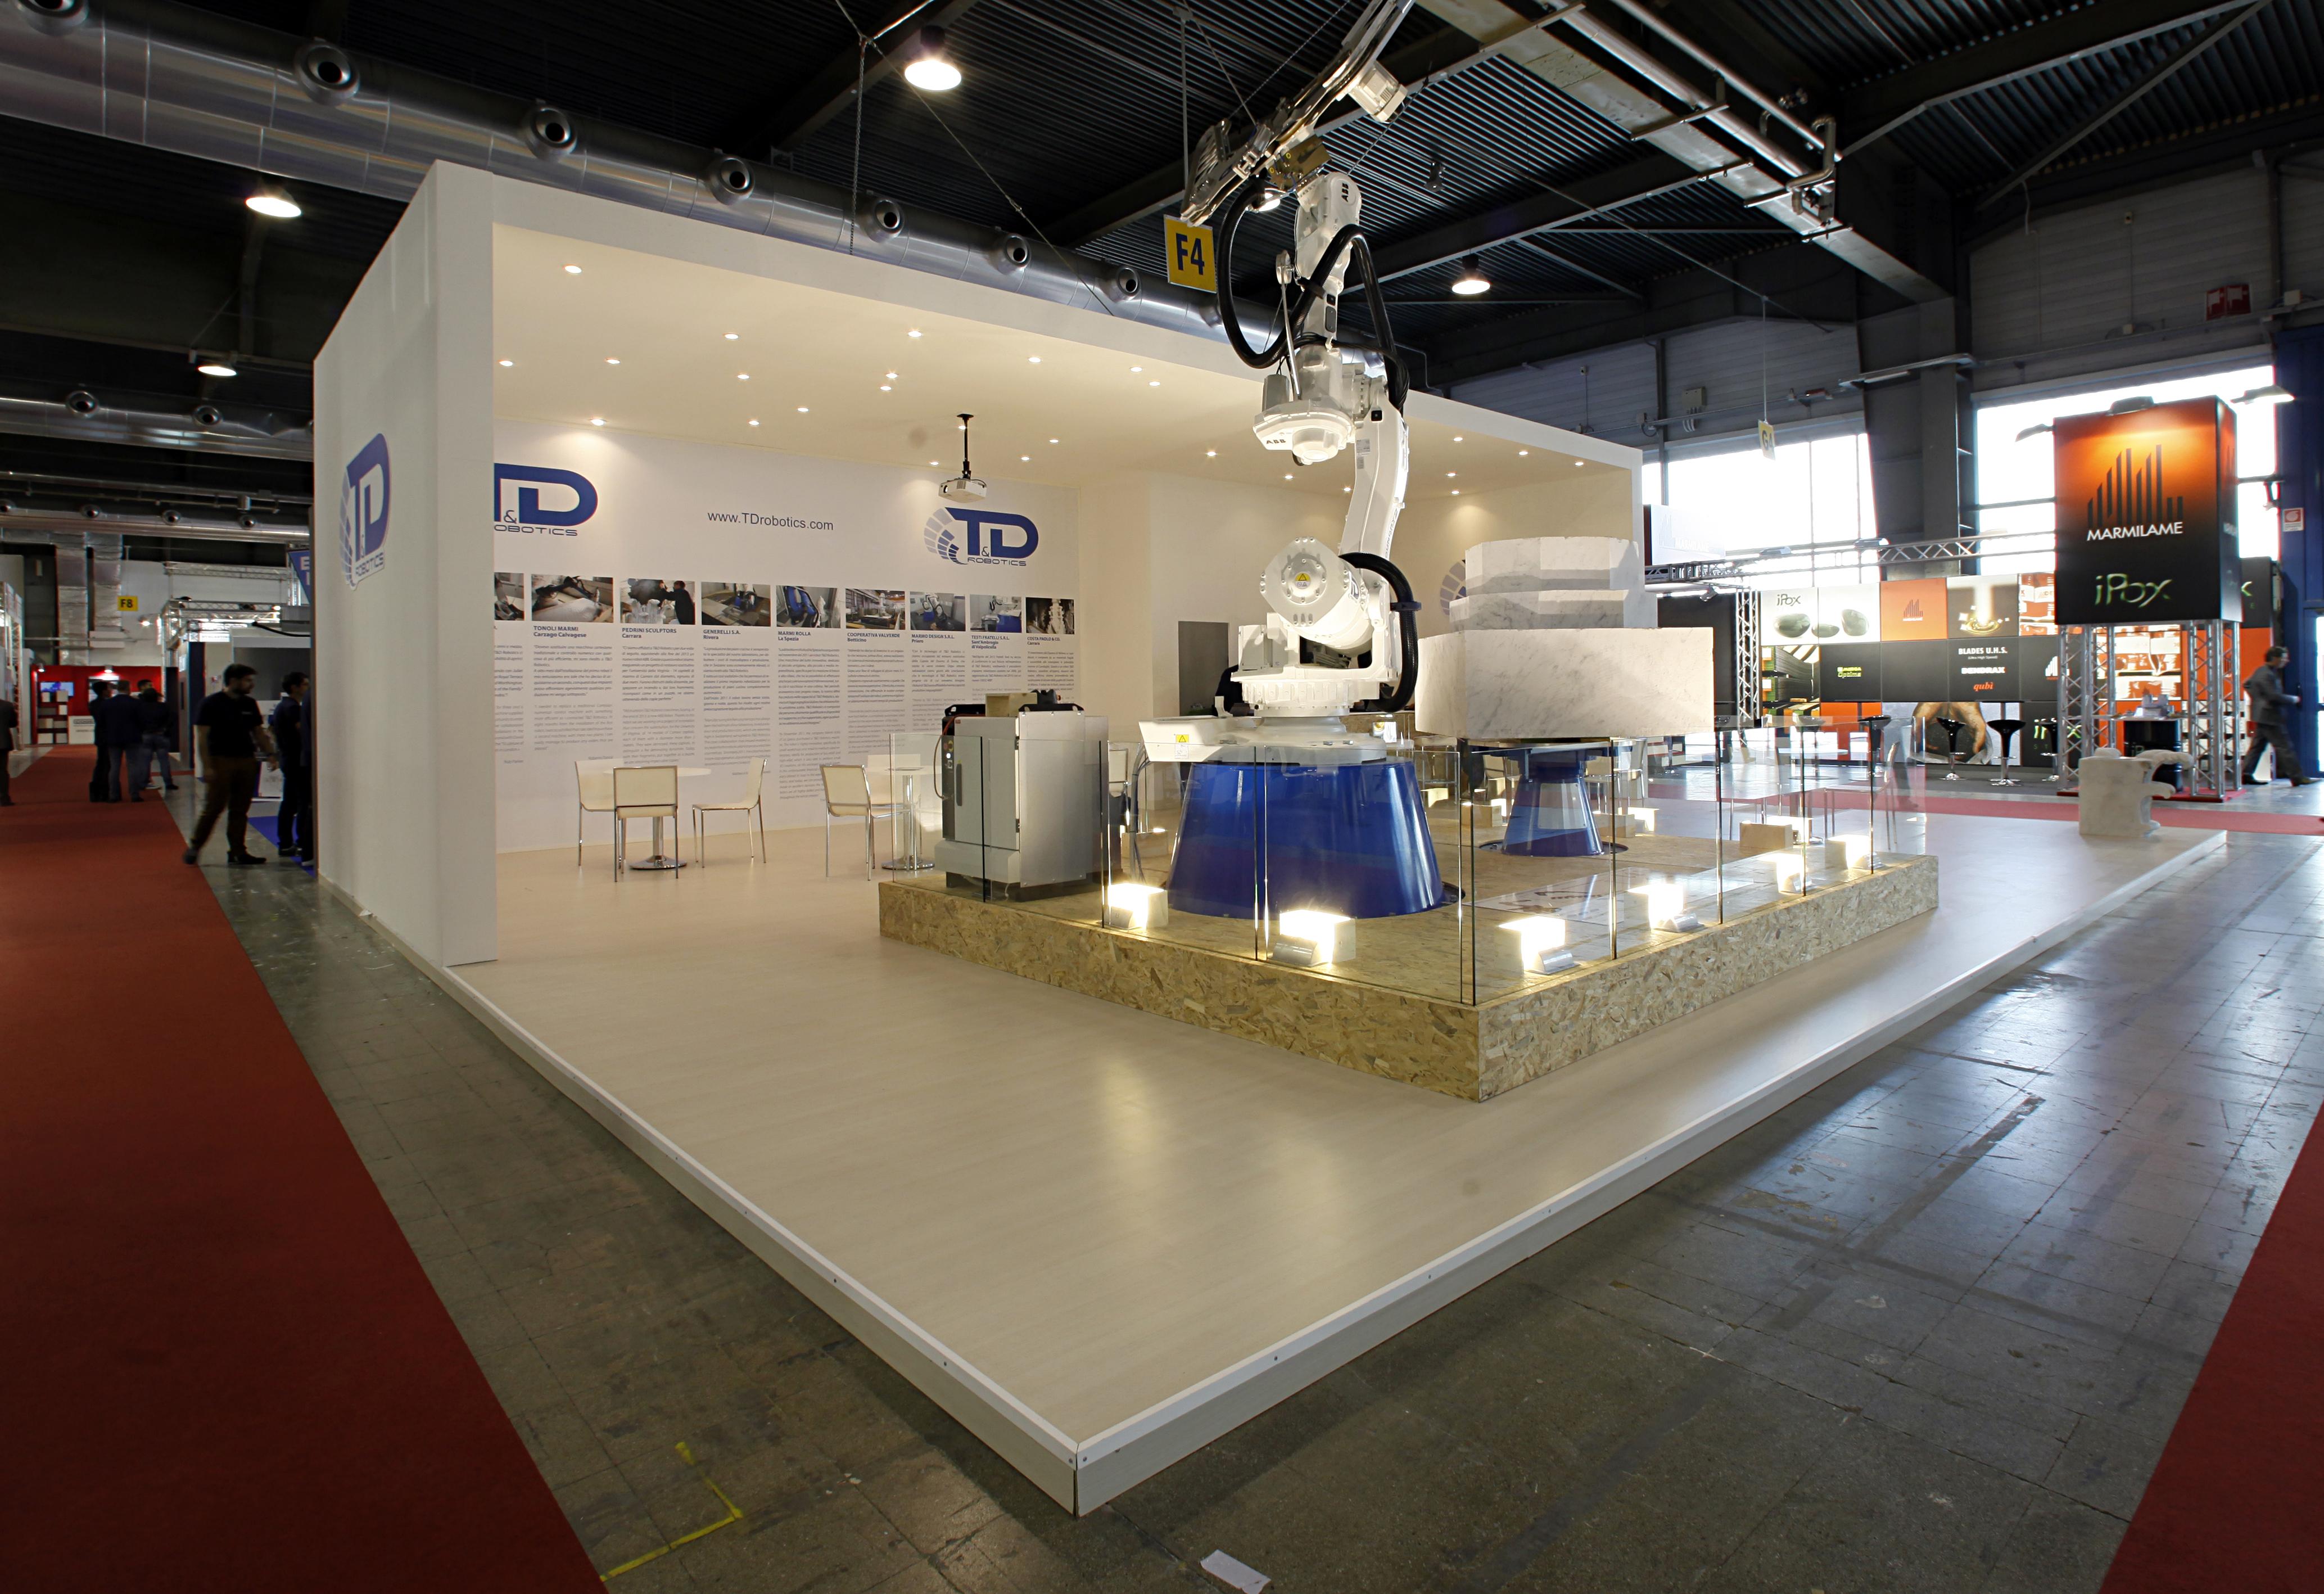 TD ROBOTICS